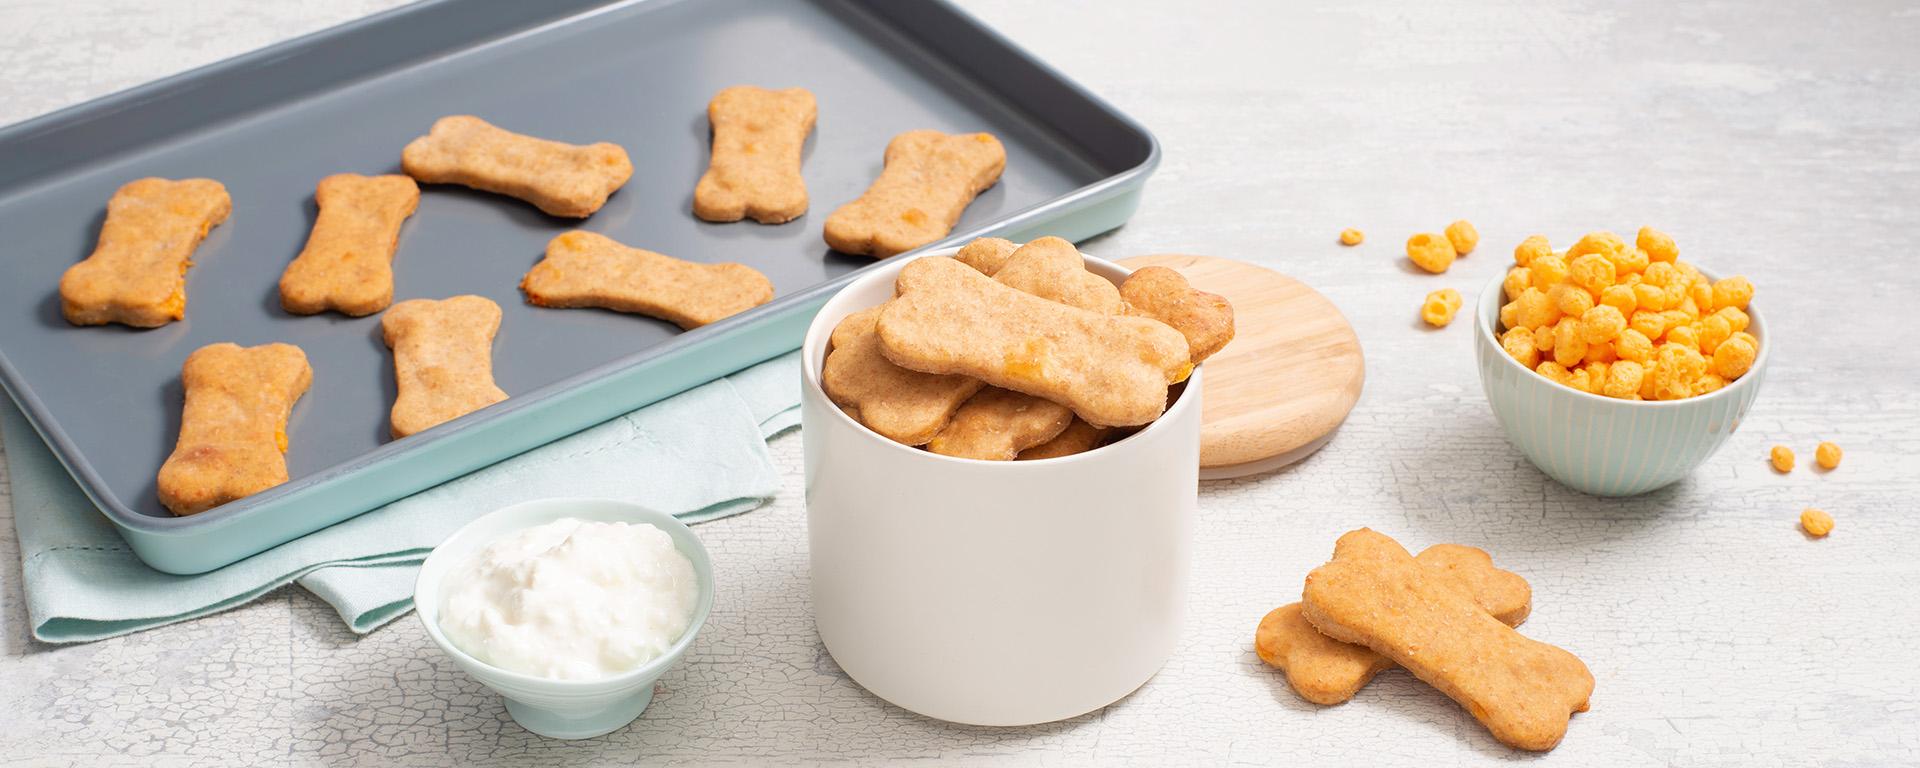 Biscuits pour Chiens au Fromage et Beurre D'arachide